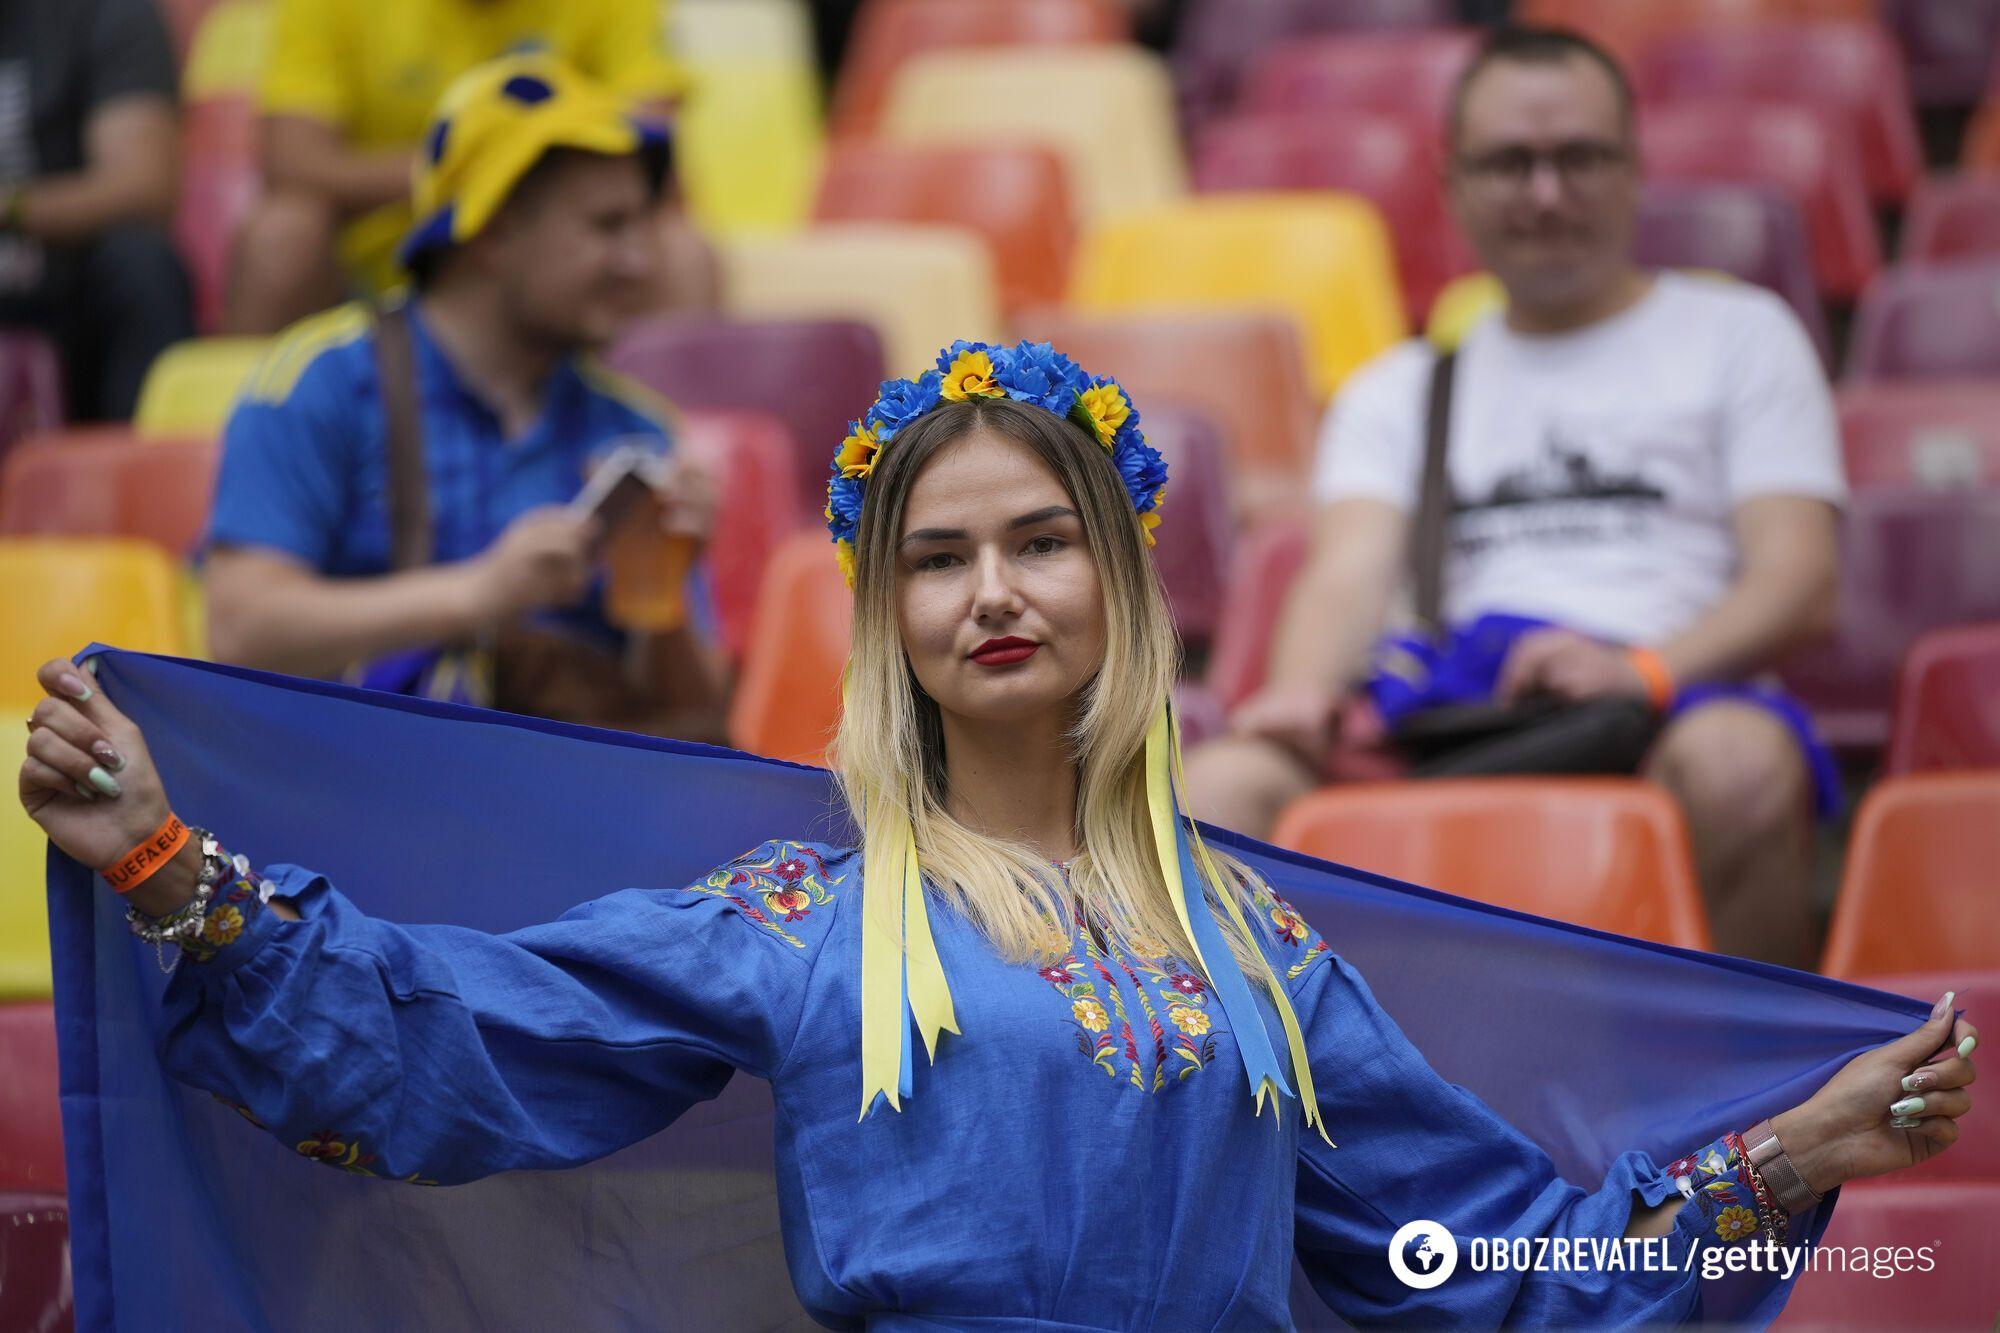 Украинская болельщица на матче Украина - Северная Македония